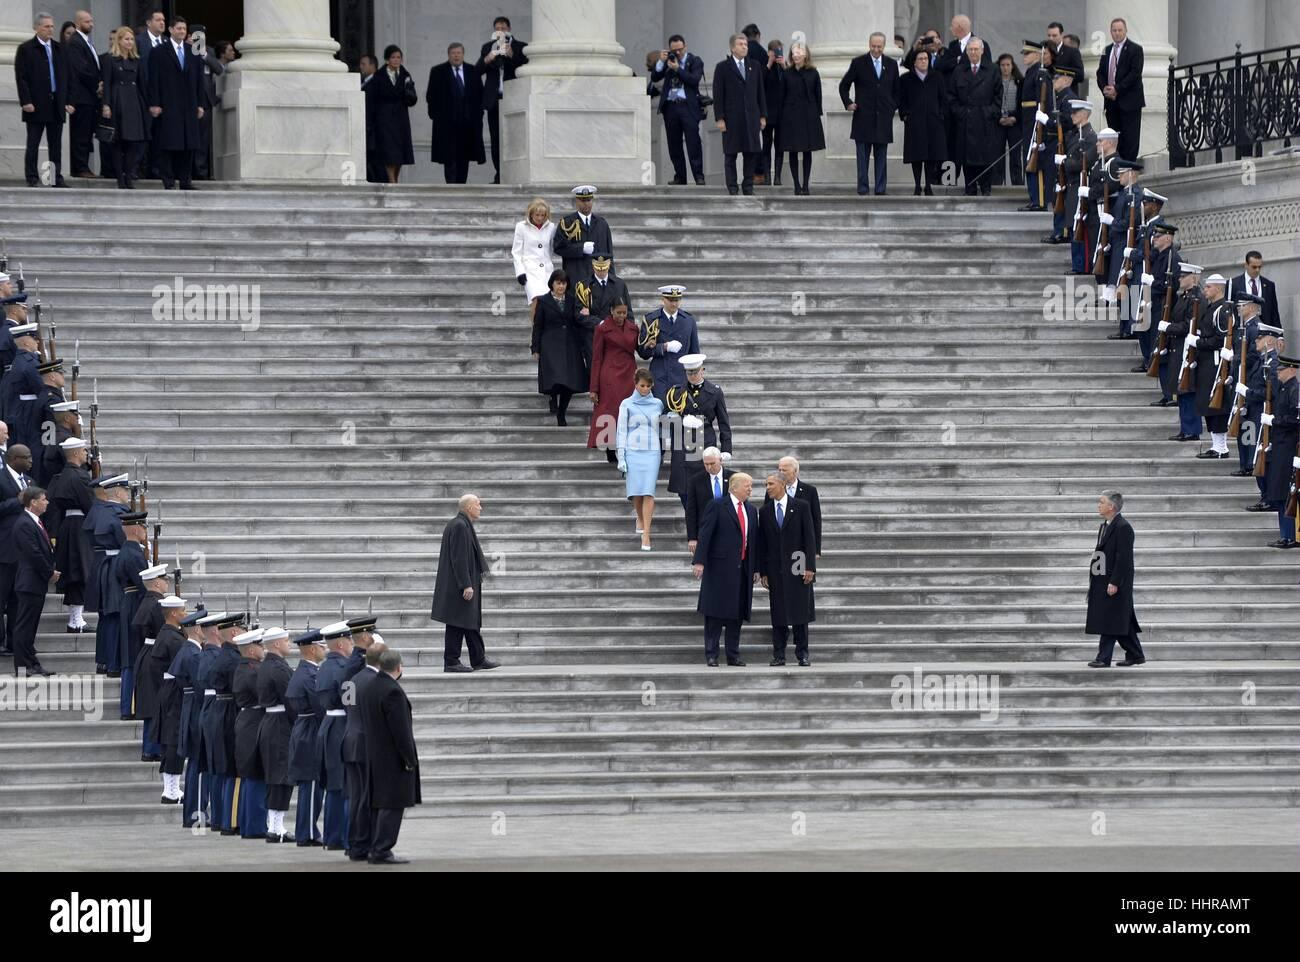 Washington, Stati Uniti d'America. Xx gen, 2017. Ex U.S. Il presidente Barack Obama parla con appena inaugurato U.S. Presidente Donald Trump dopo Donald Trump ha prestato giuramento come il quarantacinquesimo Presidente degli Stati Uniti a Washington D.C. Credito: Bao Dandan/Xinhua/Alamy Live News Foto Stock